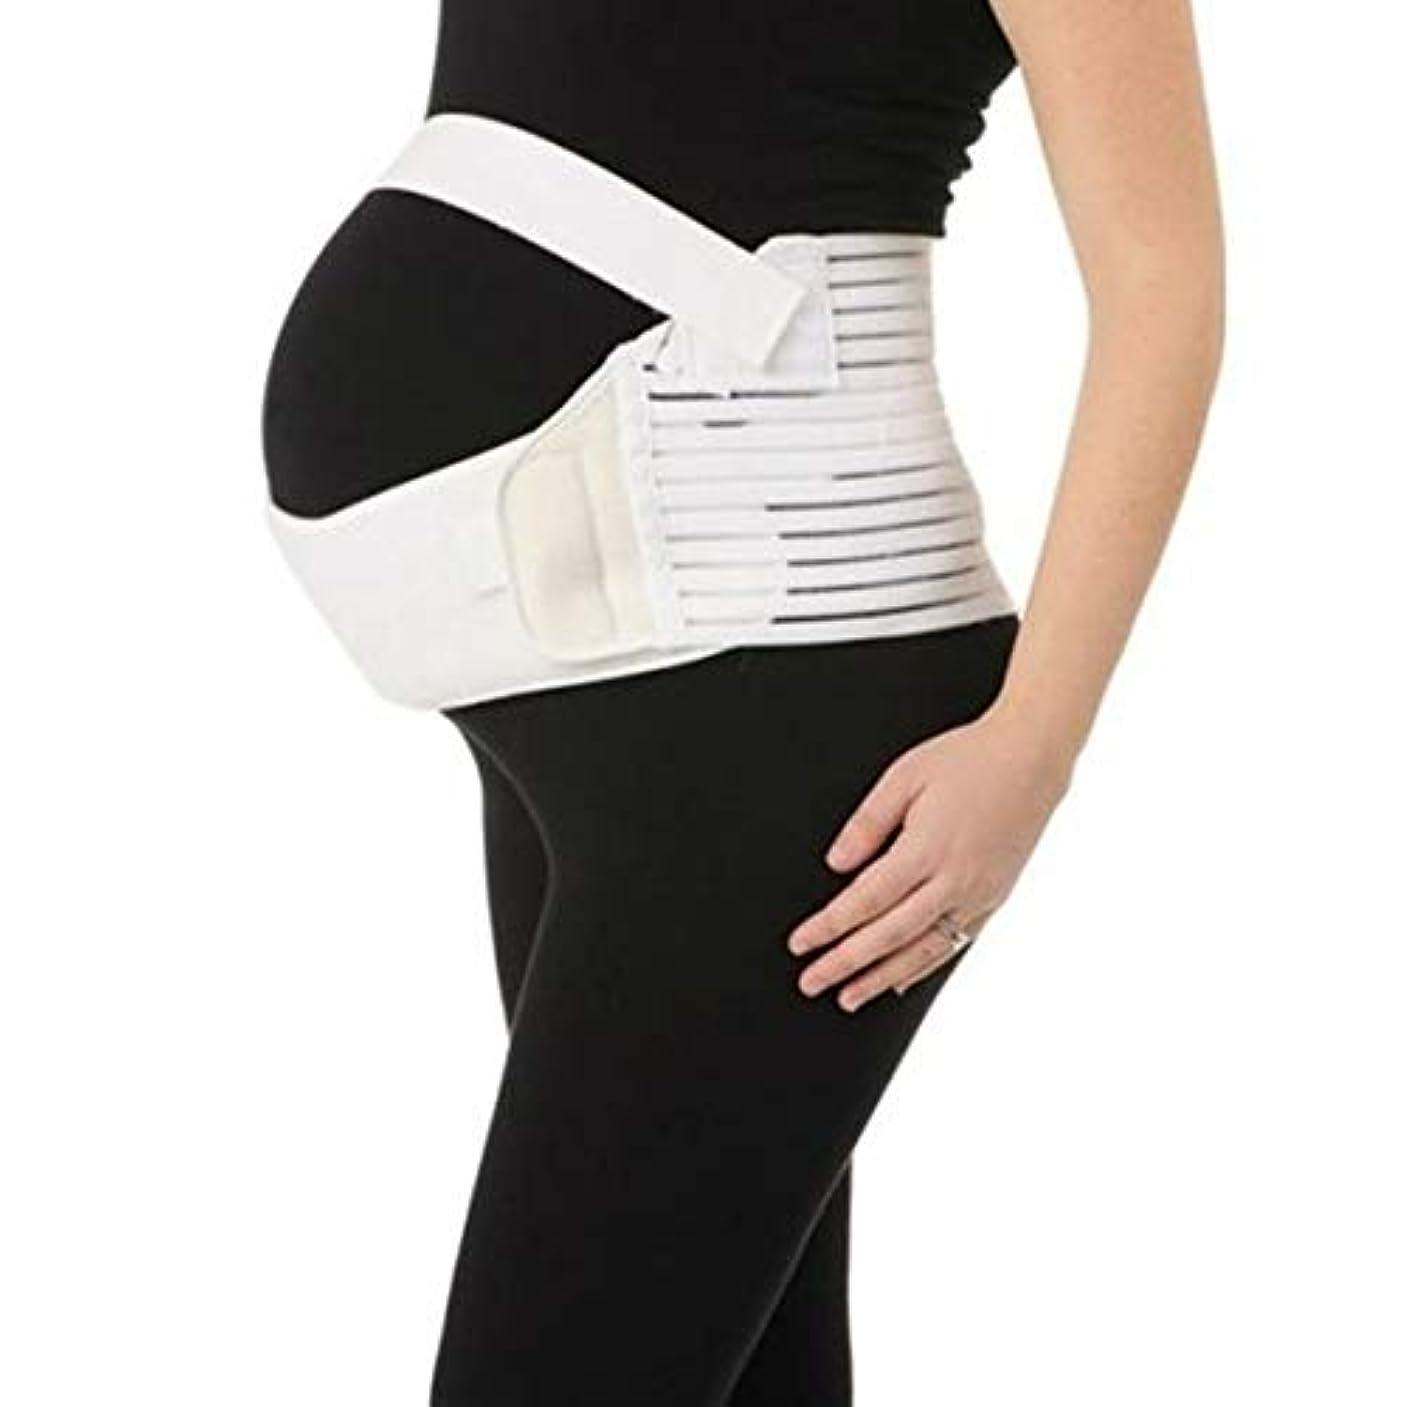 想定グロー休日通気性マタニティベルト妊娠腹部サポート腹部バインダーガードル運動包帯産後の回復shapewear - ホワイトL